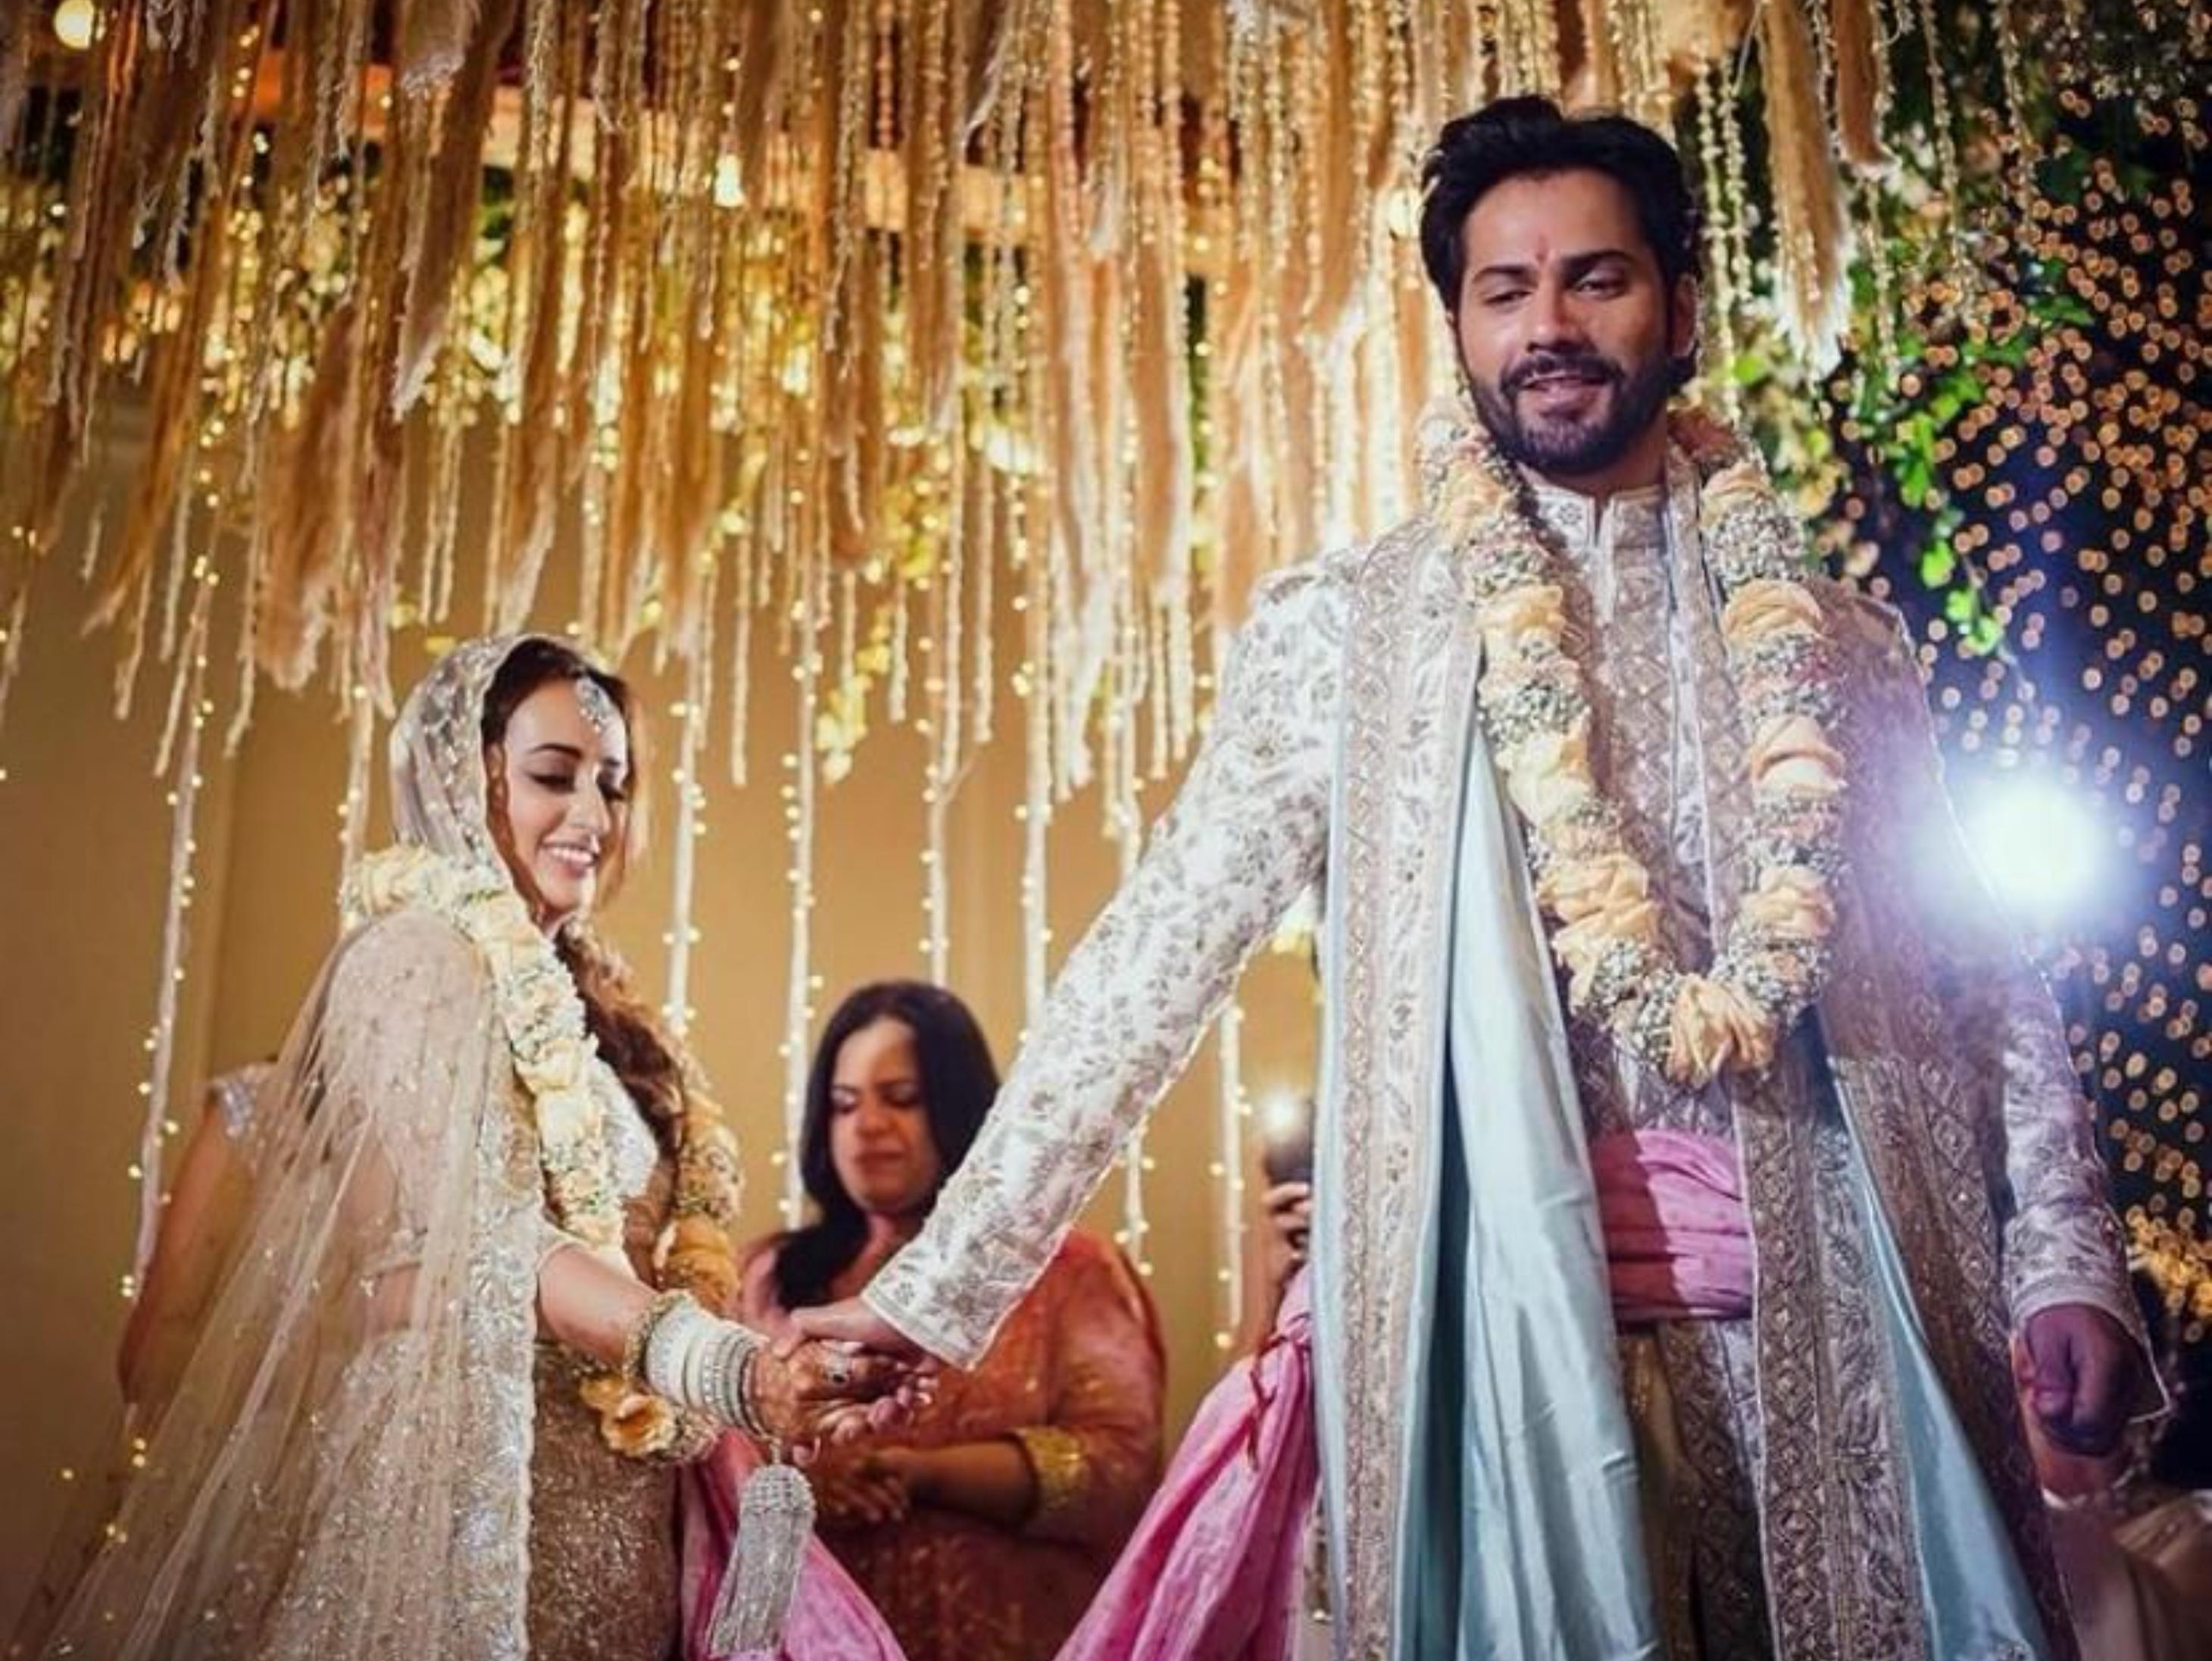 शादी की पहली तस्वीरें सामने आईं, वरुण ने सोशल मीडिया पर लिखा- जीवनभर का प्यार ऑफिशियल हो गया|बॉलीवुड,Bollywood - Dainik Bhaskar